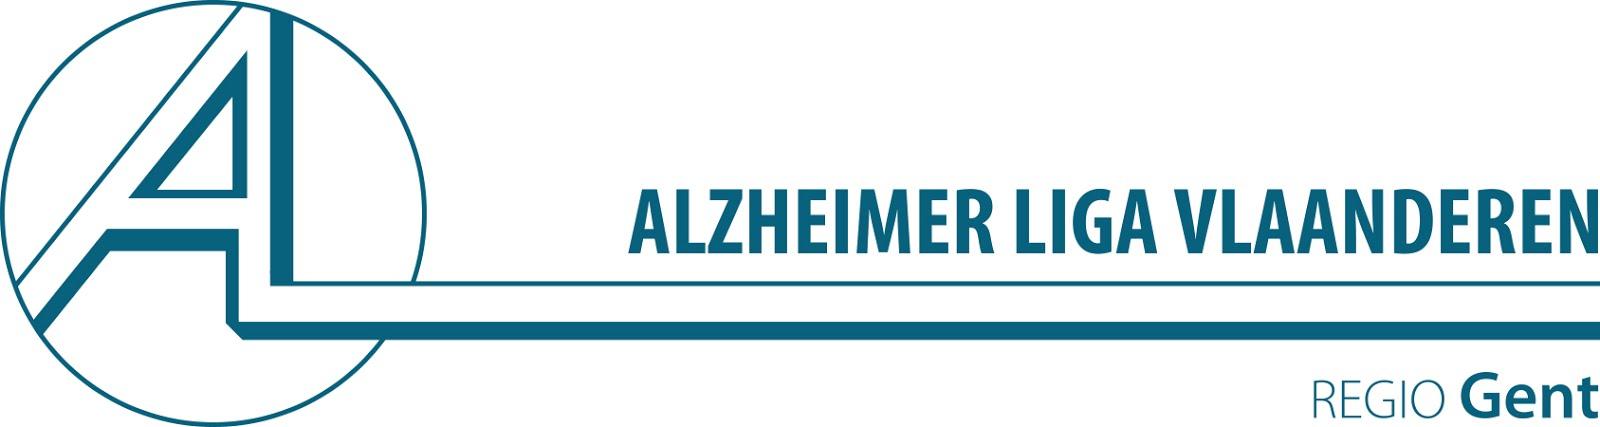 Alzheimerliga